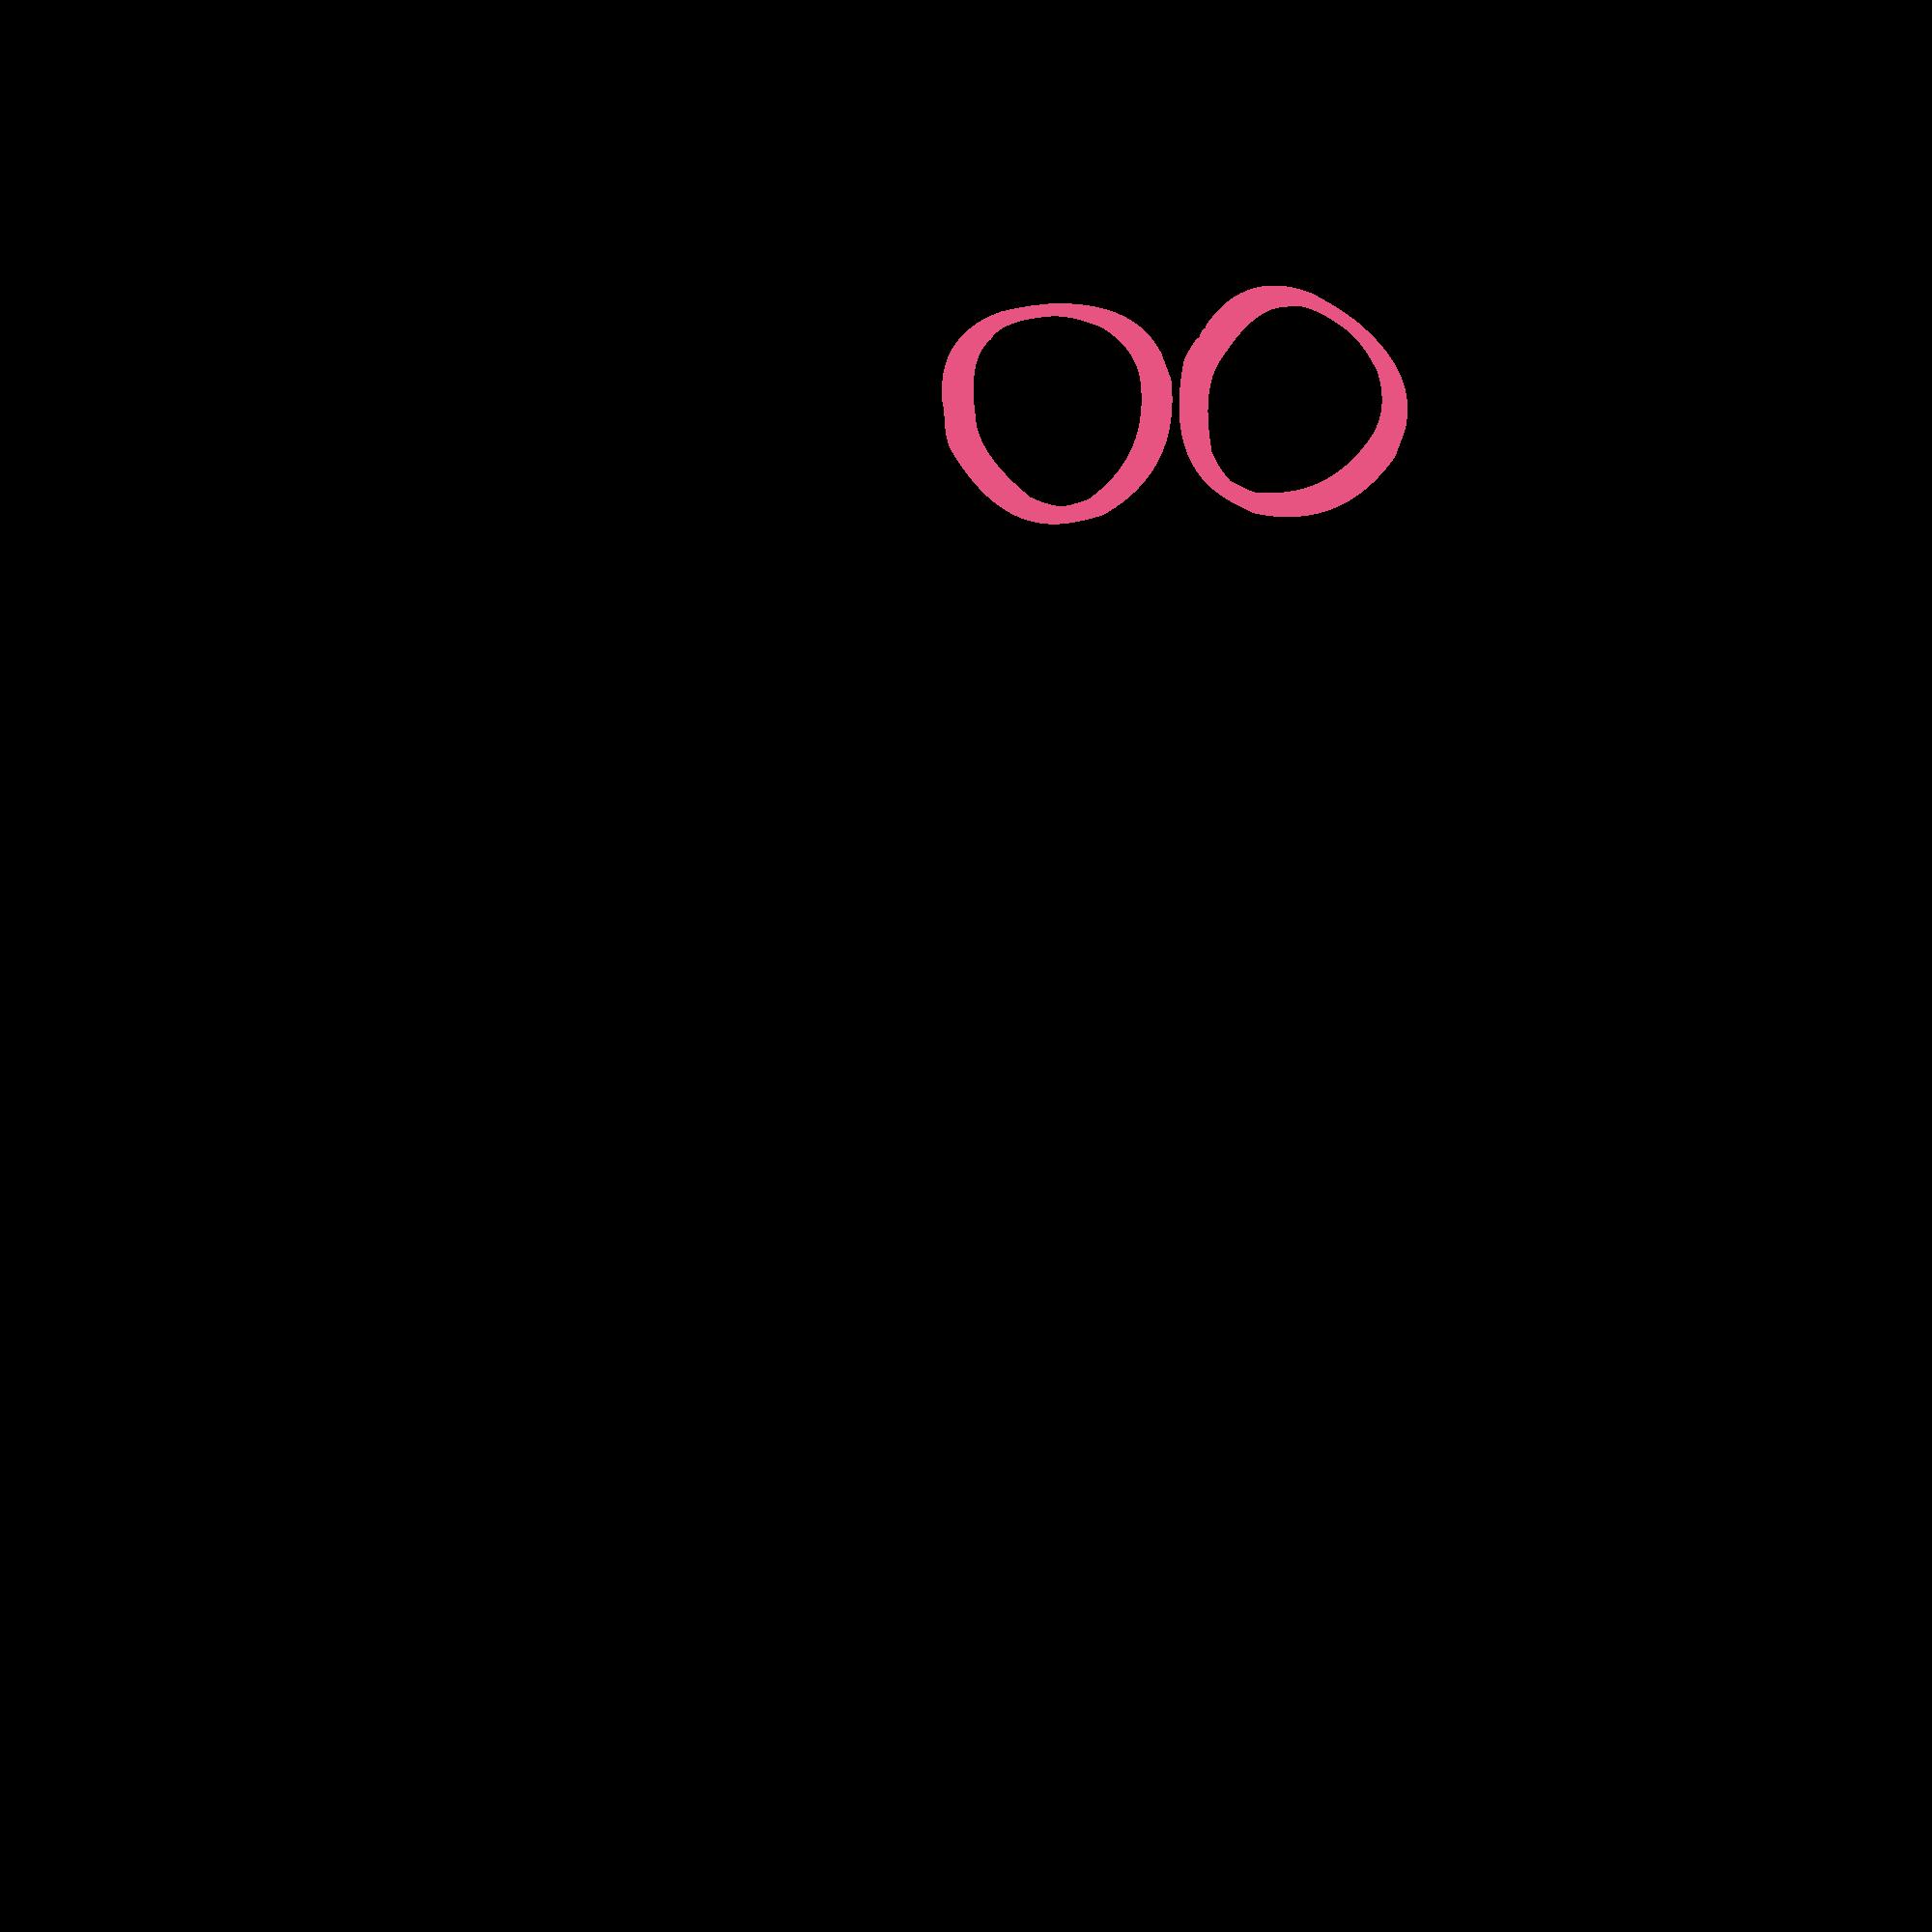 logo-mbb-hd